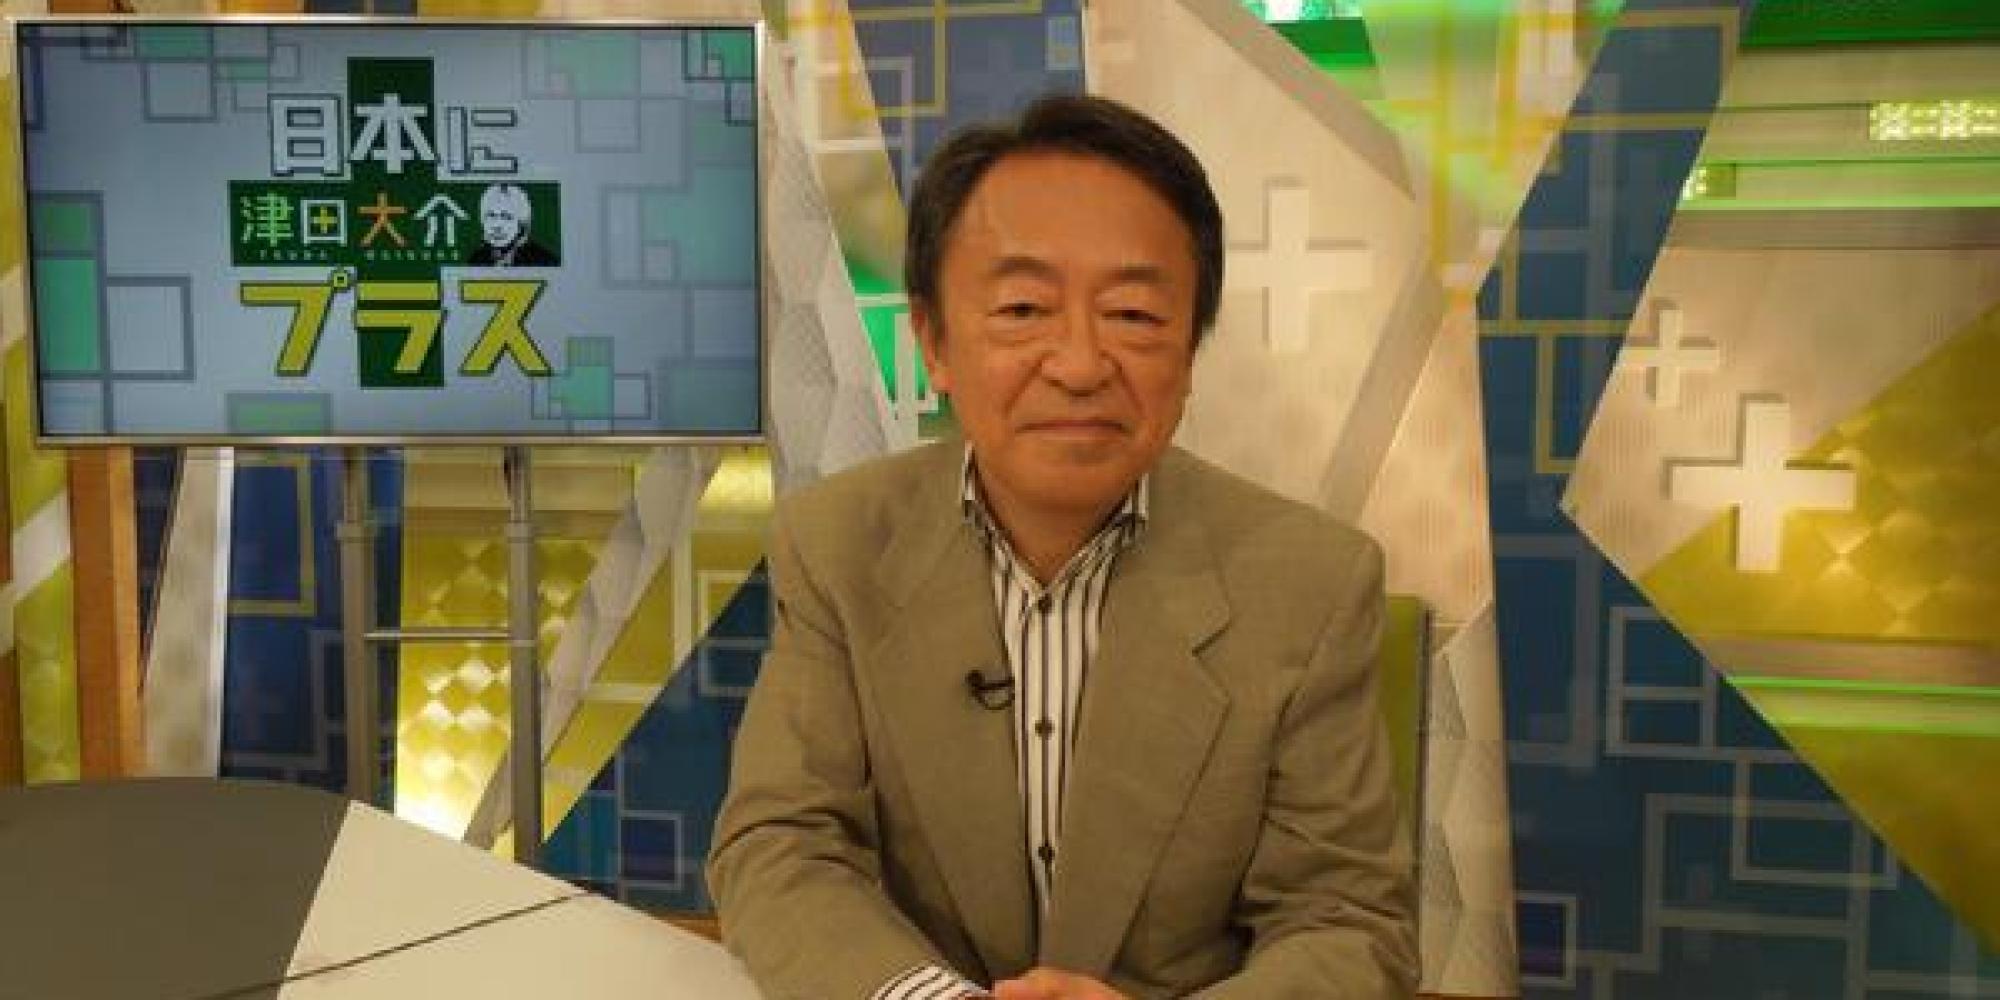 池上彰氏が、テレビで「自分の意見」を言わない理由 シェア  池上彰氏が、テレビで「自分の意見」を